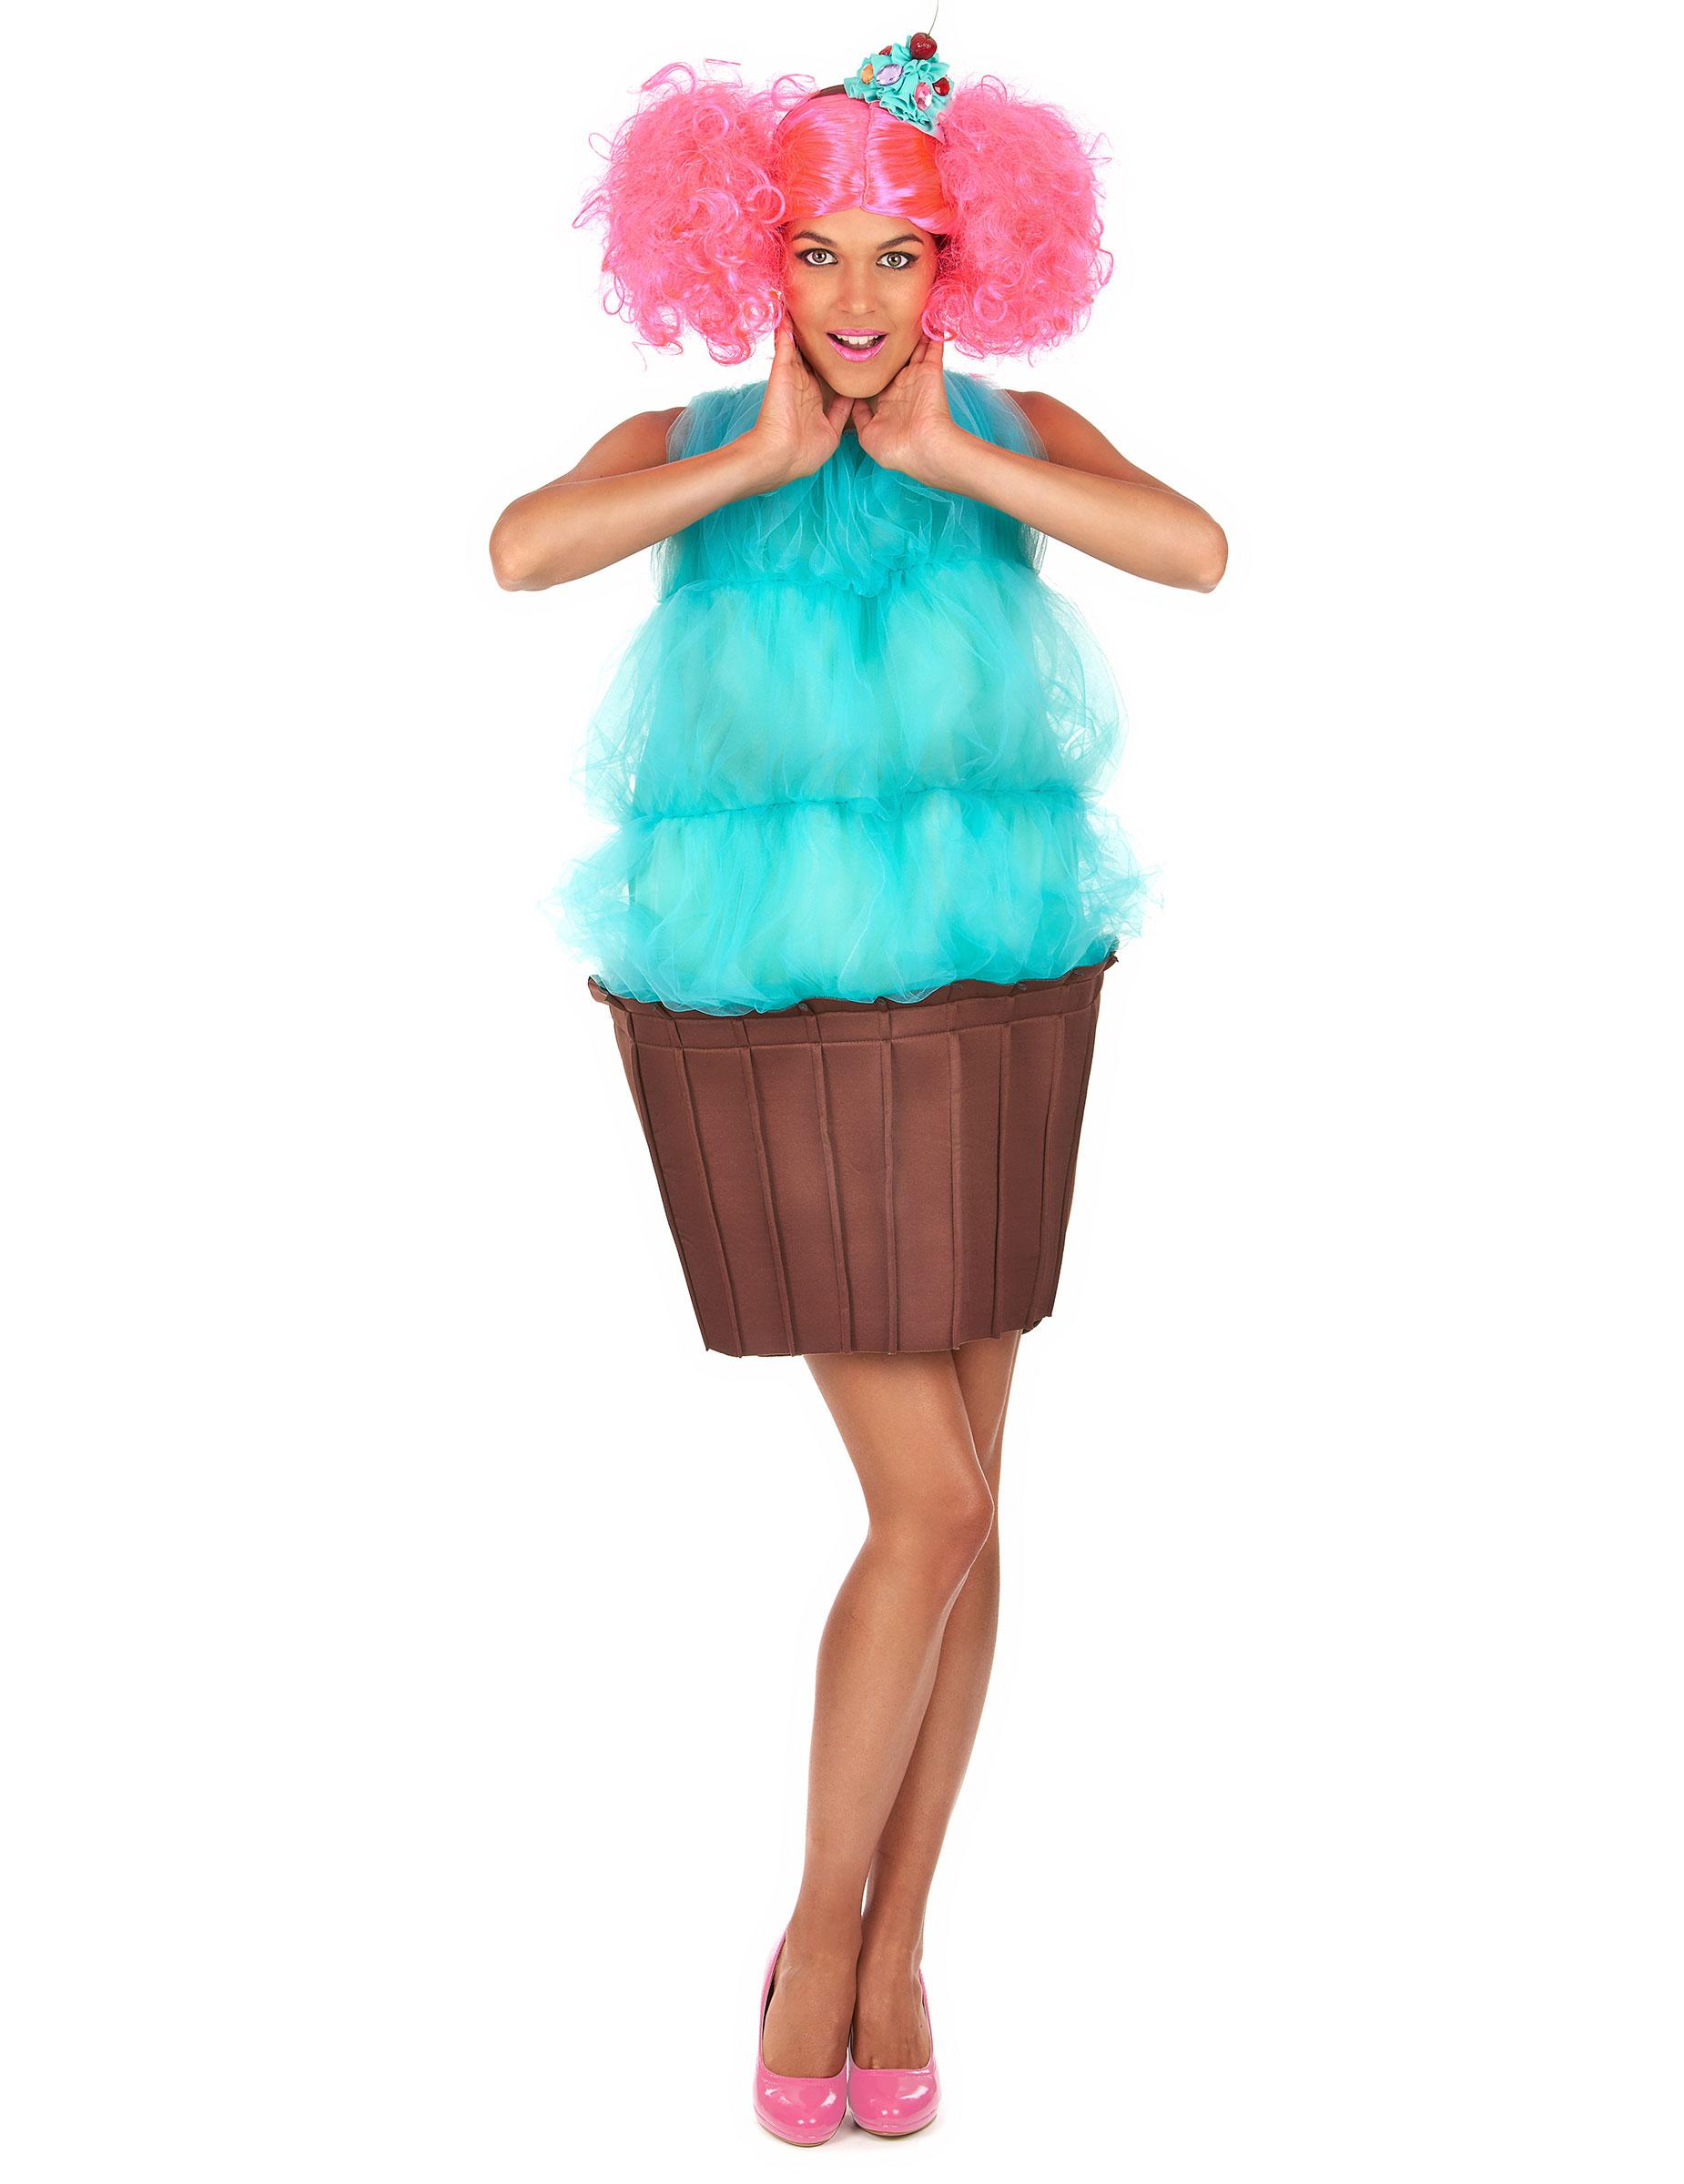 Lustige Verkleidungsideen Und Ausgefallene Kostume Fur Leute Mit Humor